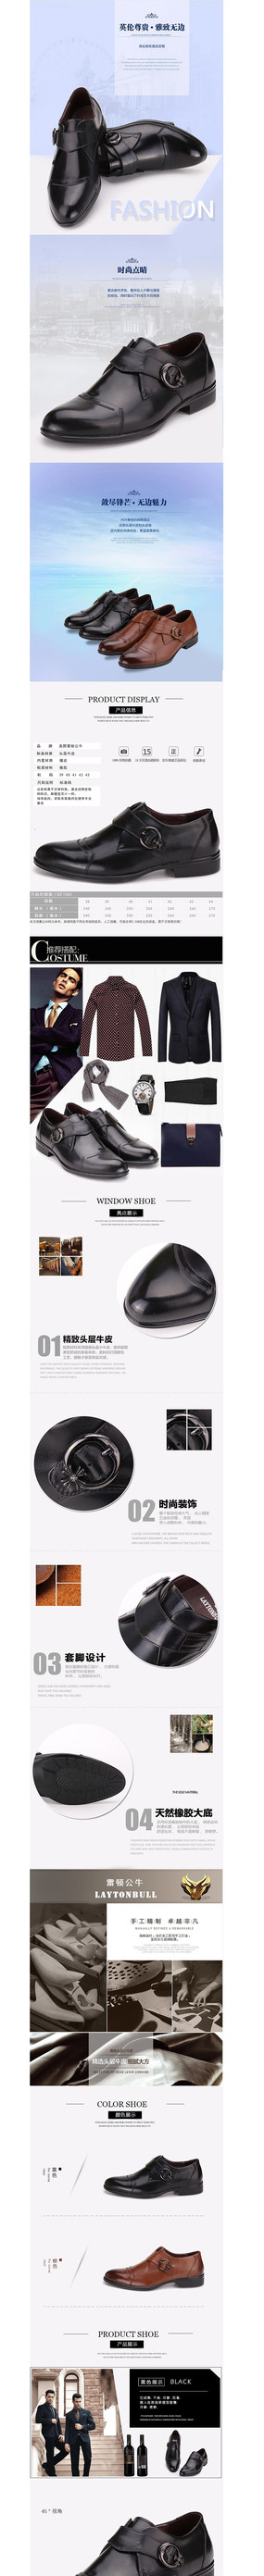 天猫淘宝男鞋详情页PSD素材图片下载